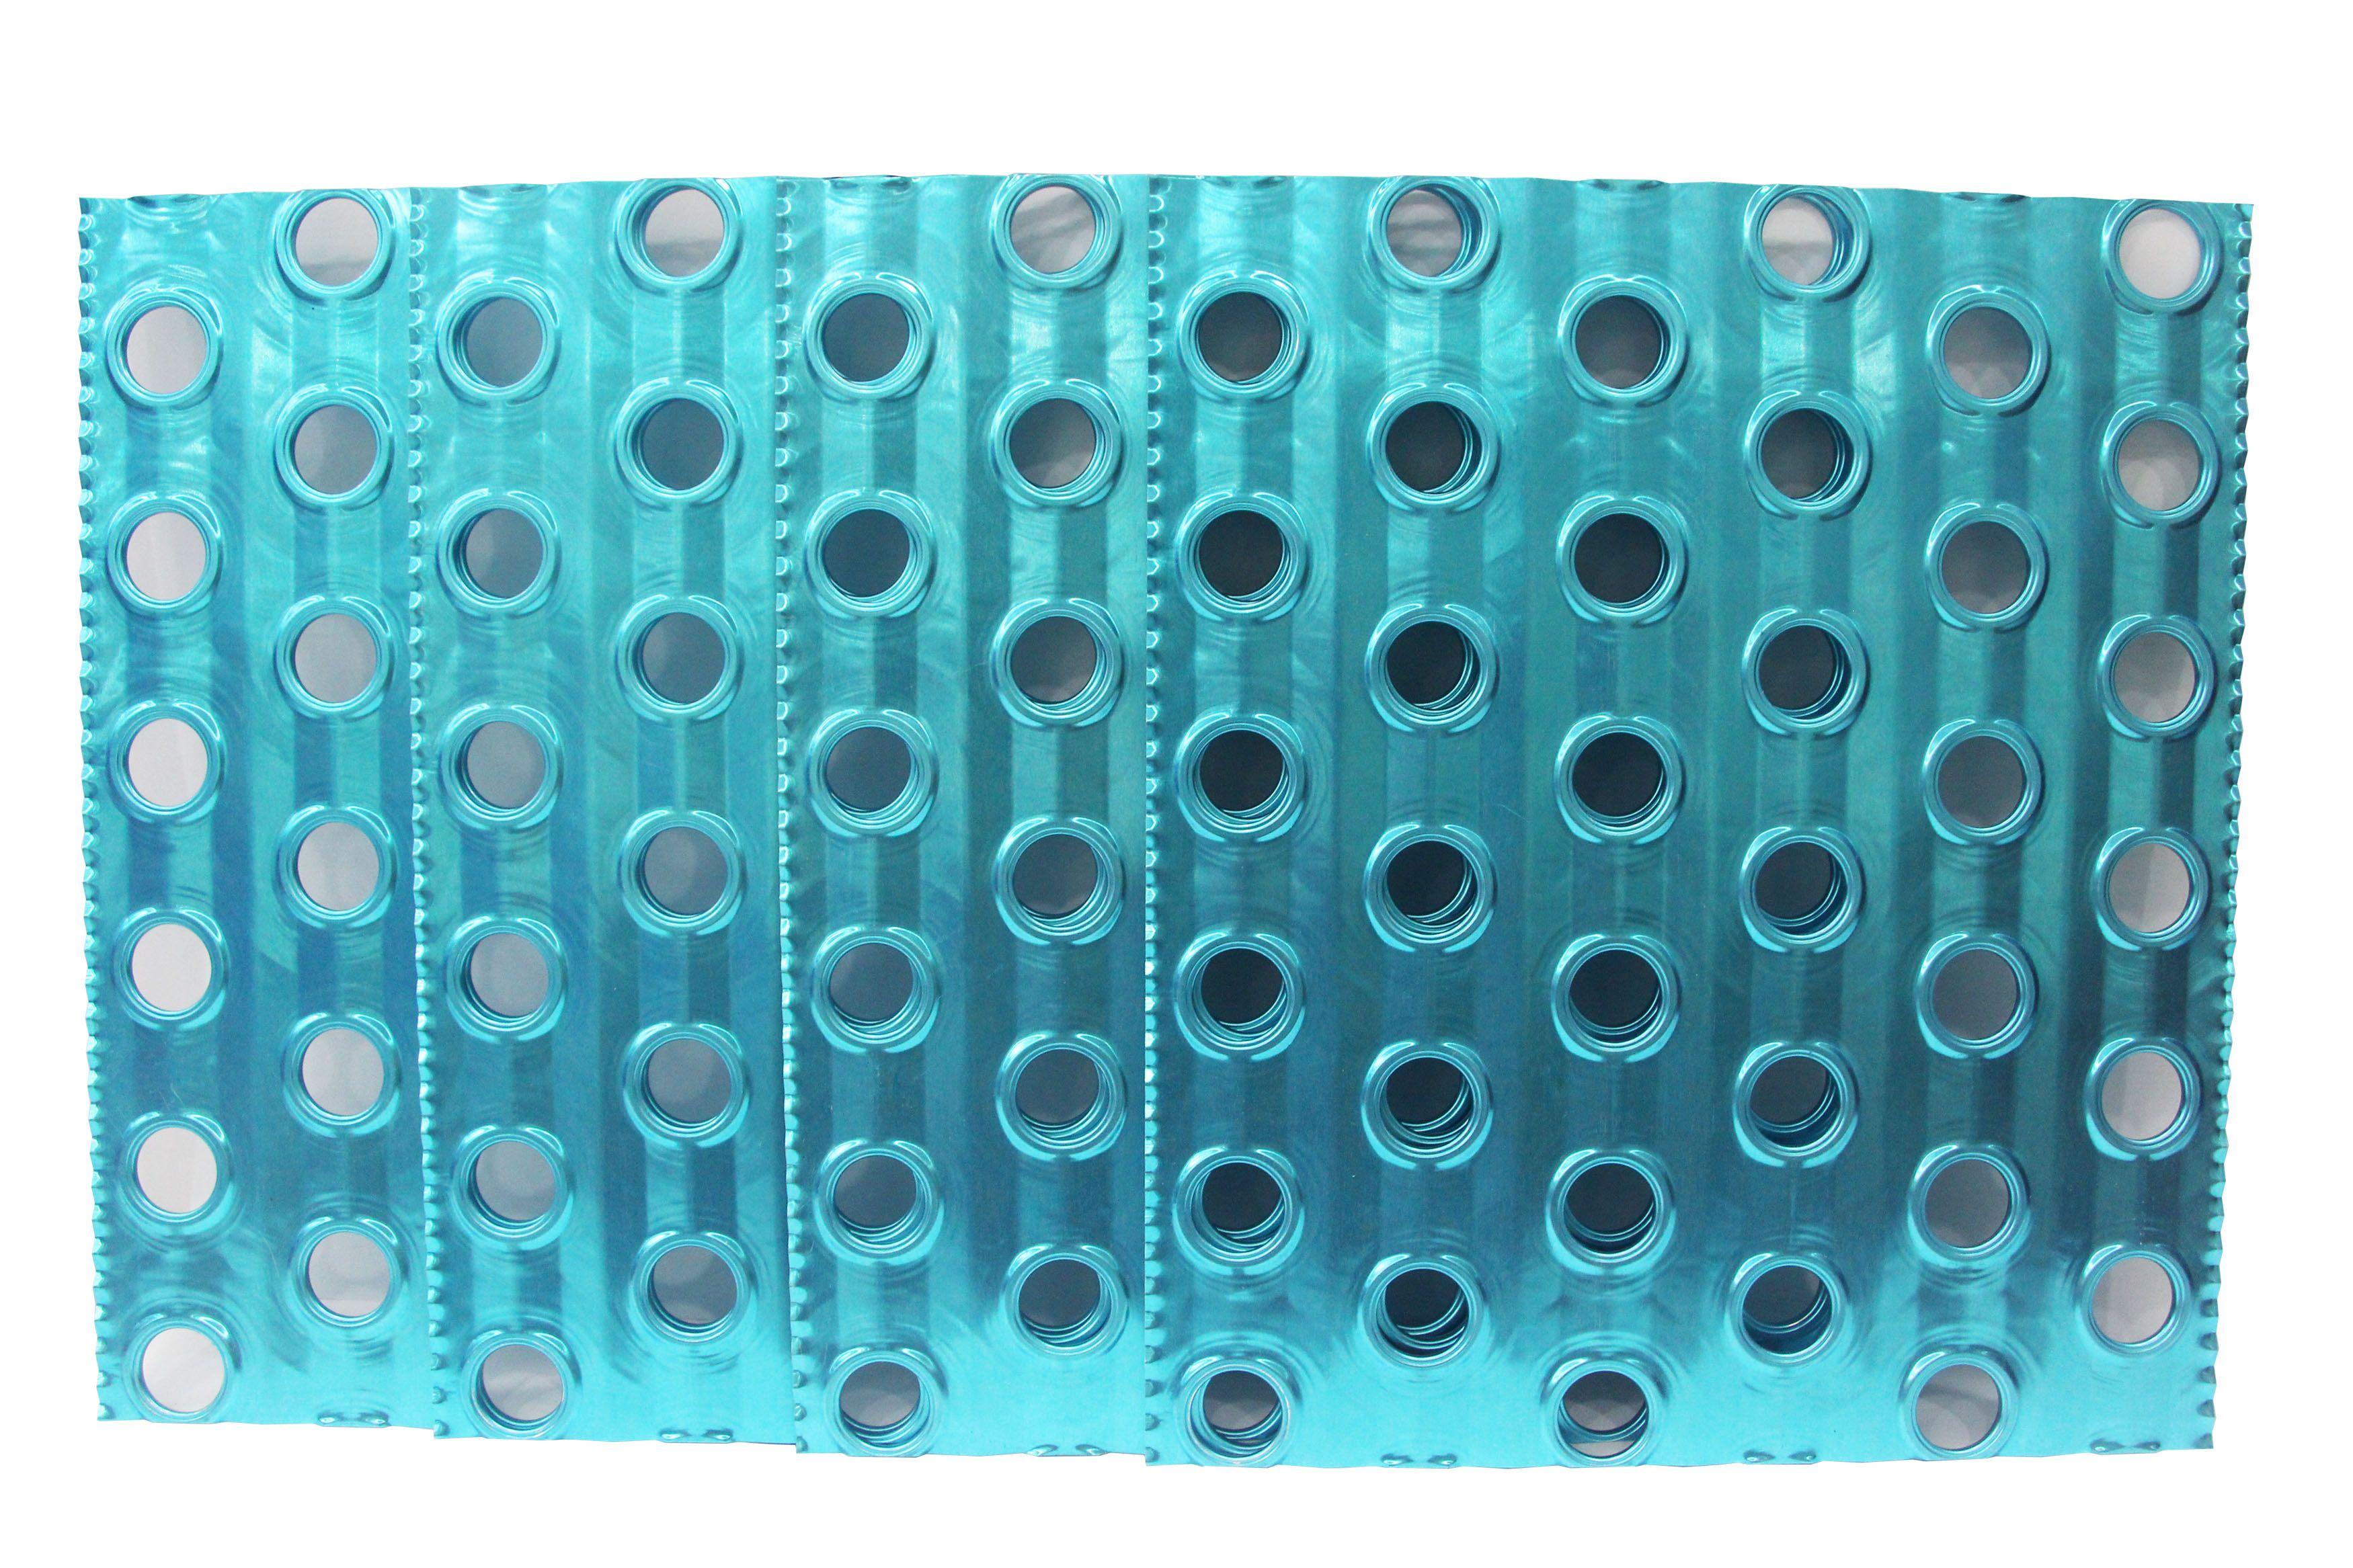 Coil(Hydrophilic Coated Aluminium Fins)